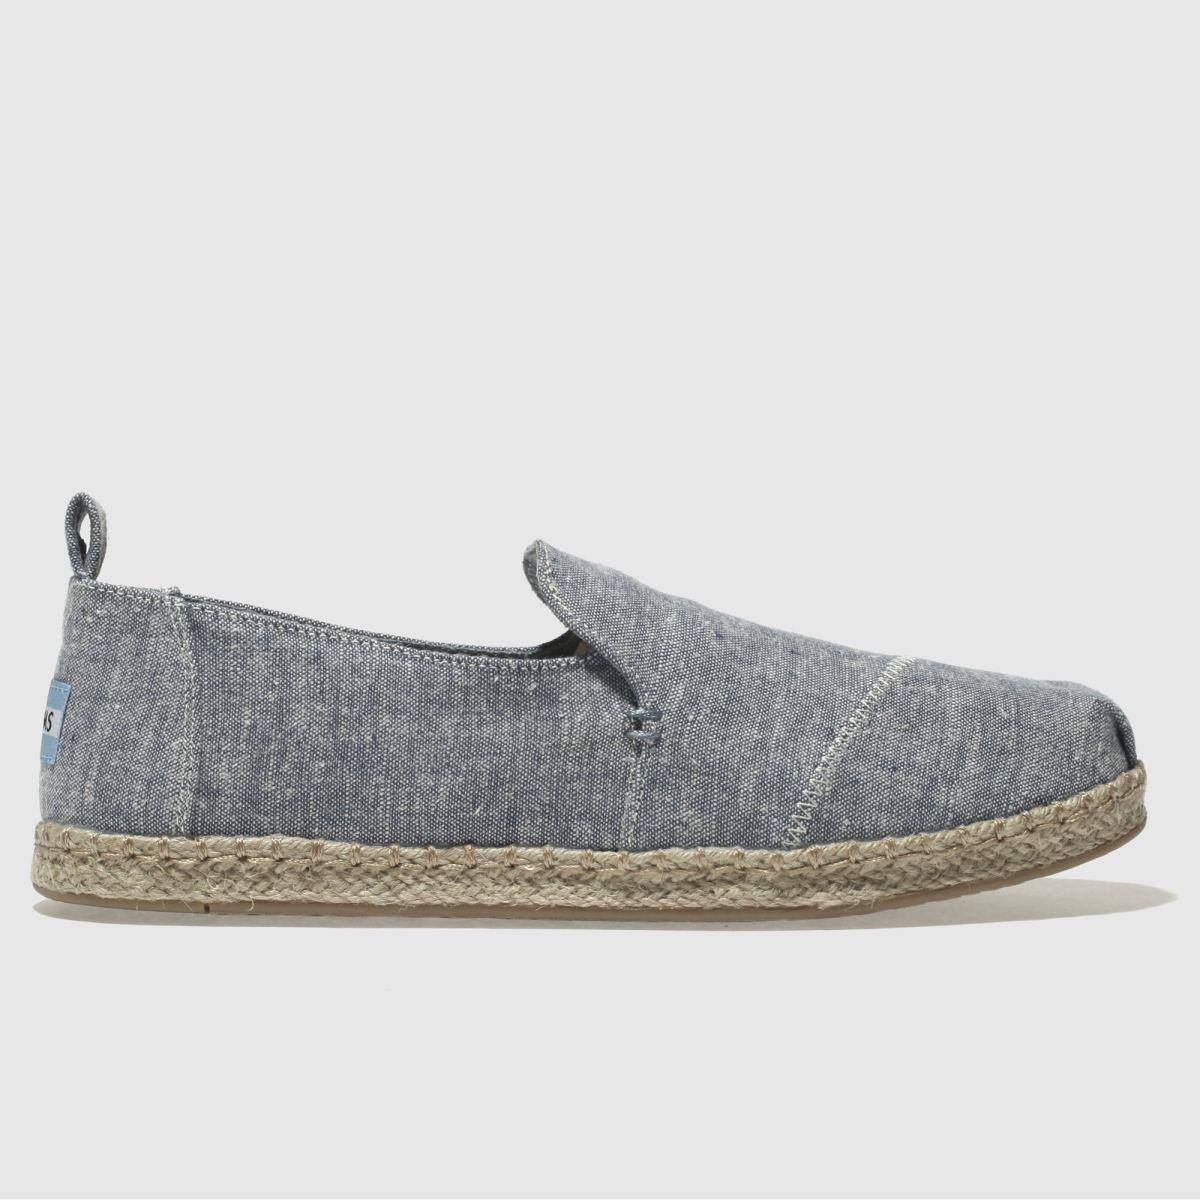 Toms Blue Deconstructed Alpargata Flat Shoes